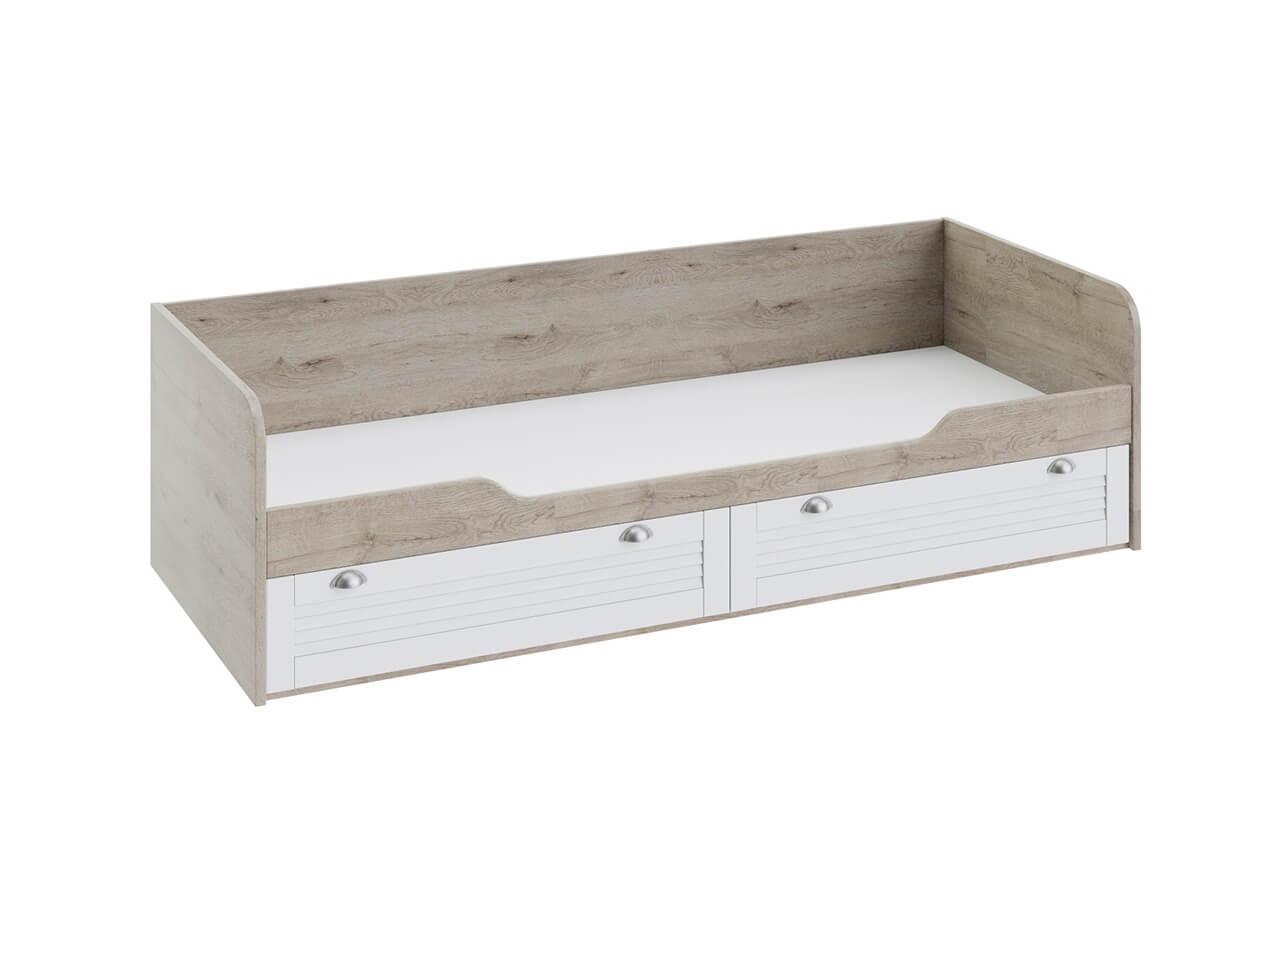 Кровать с 2-мя ящиками Ривьера ТД-241-12-01 2044х839х583